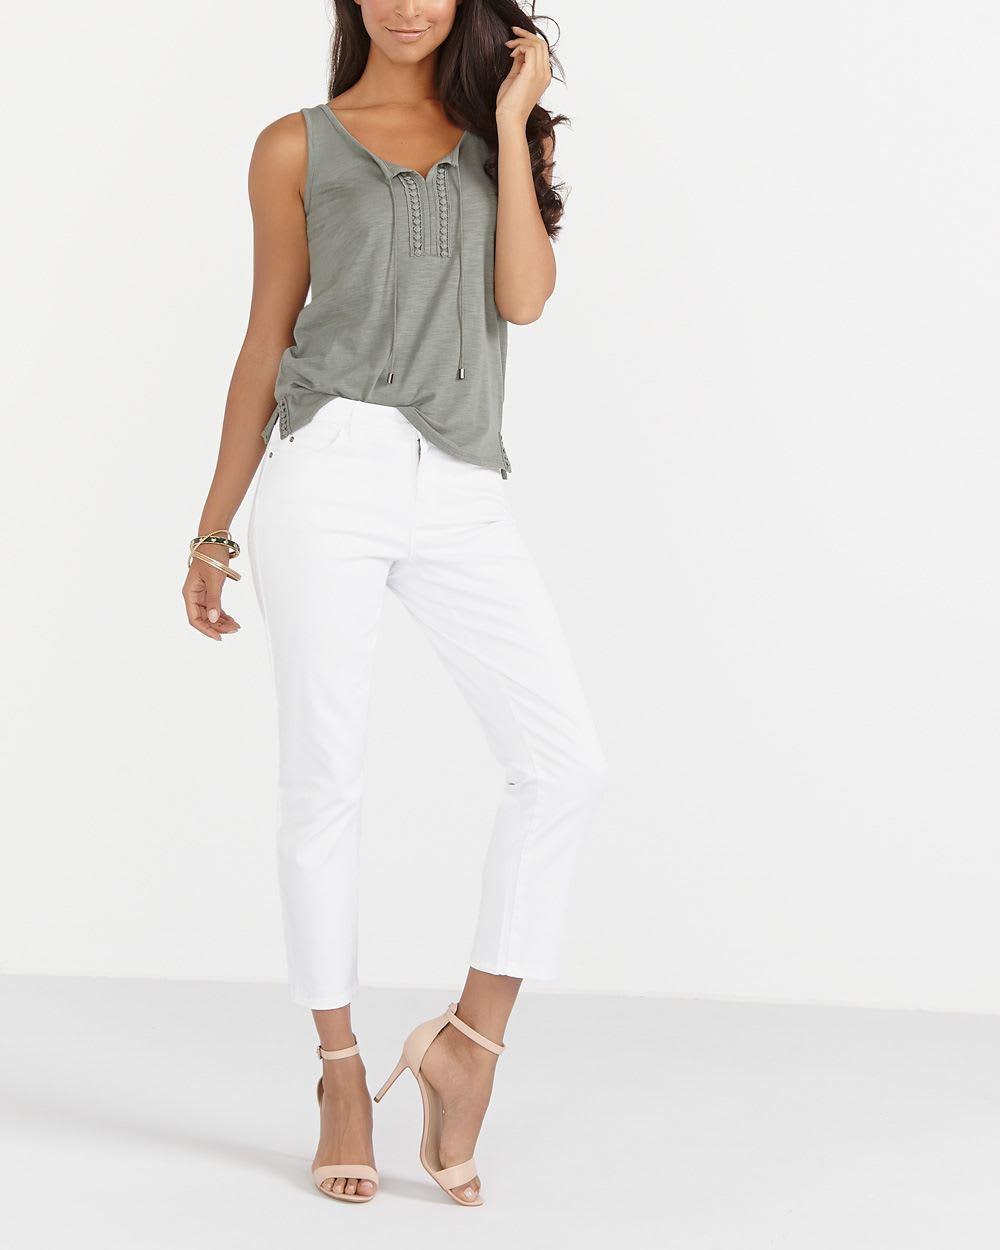 6f47fe60d141 Petite Sleeveless T-Shirt | Petites | Reitmans